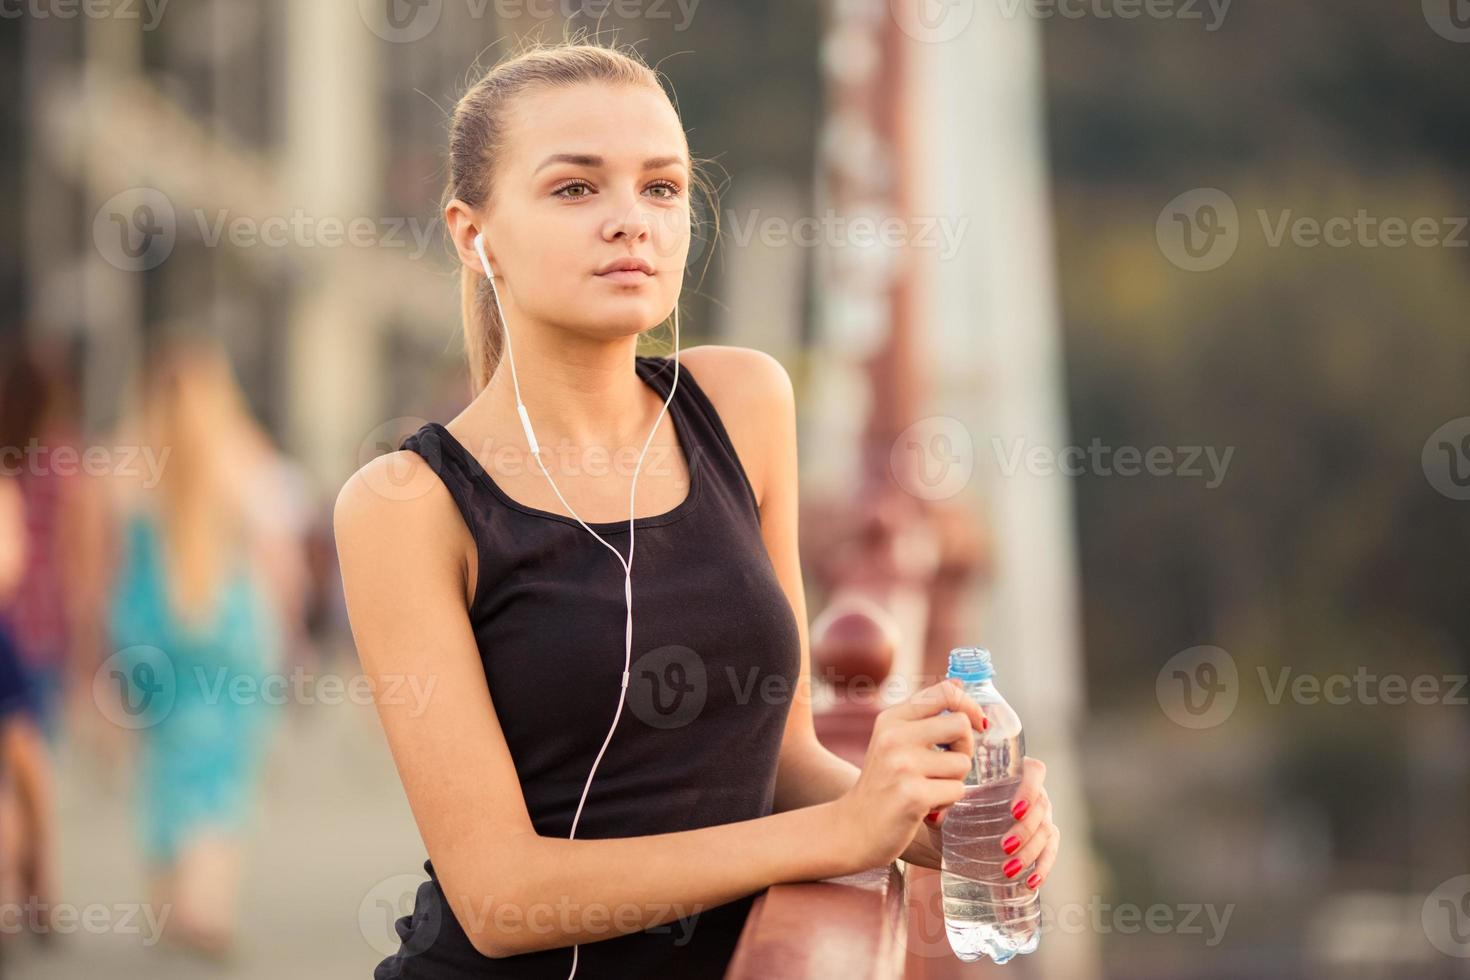 Mädchen läuft Stadt foto